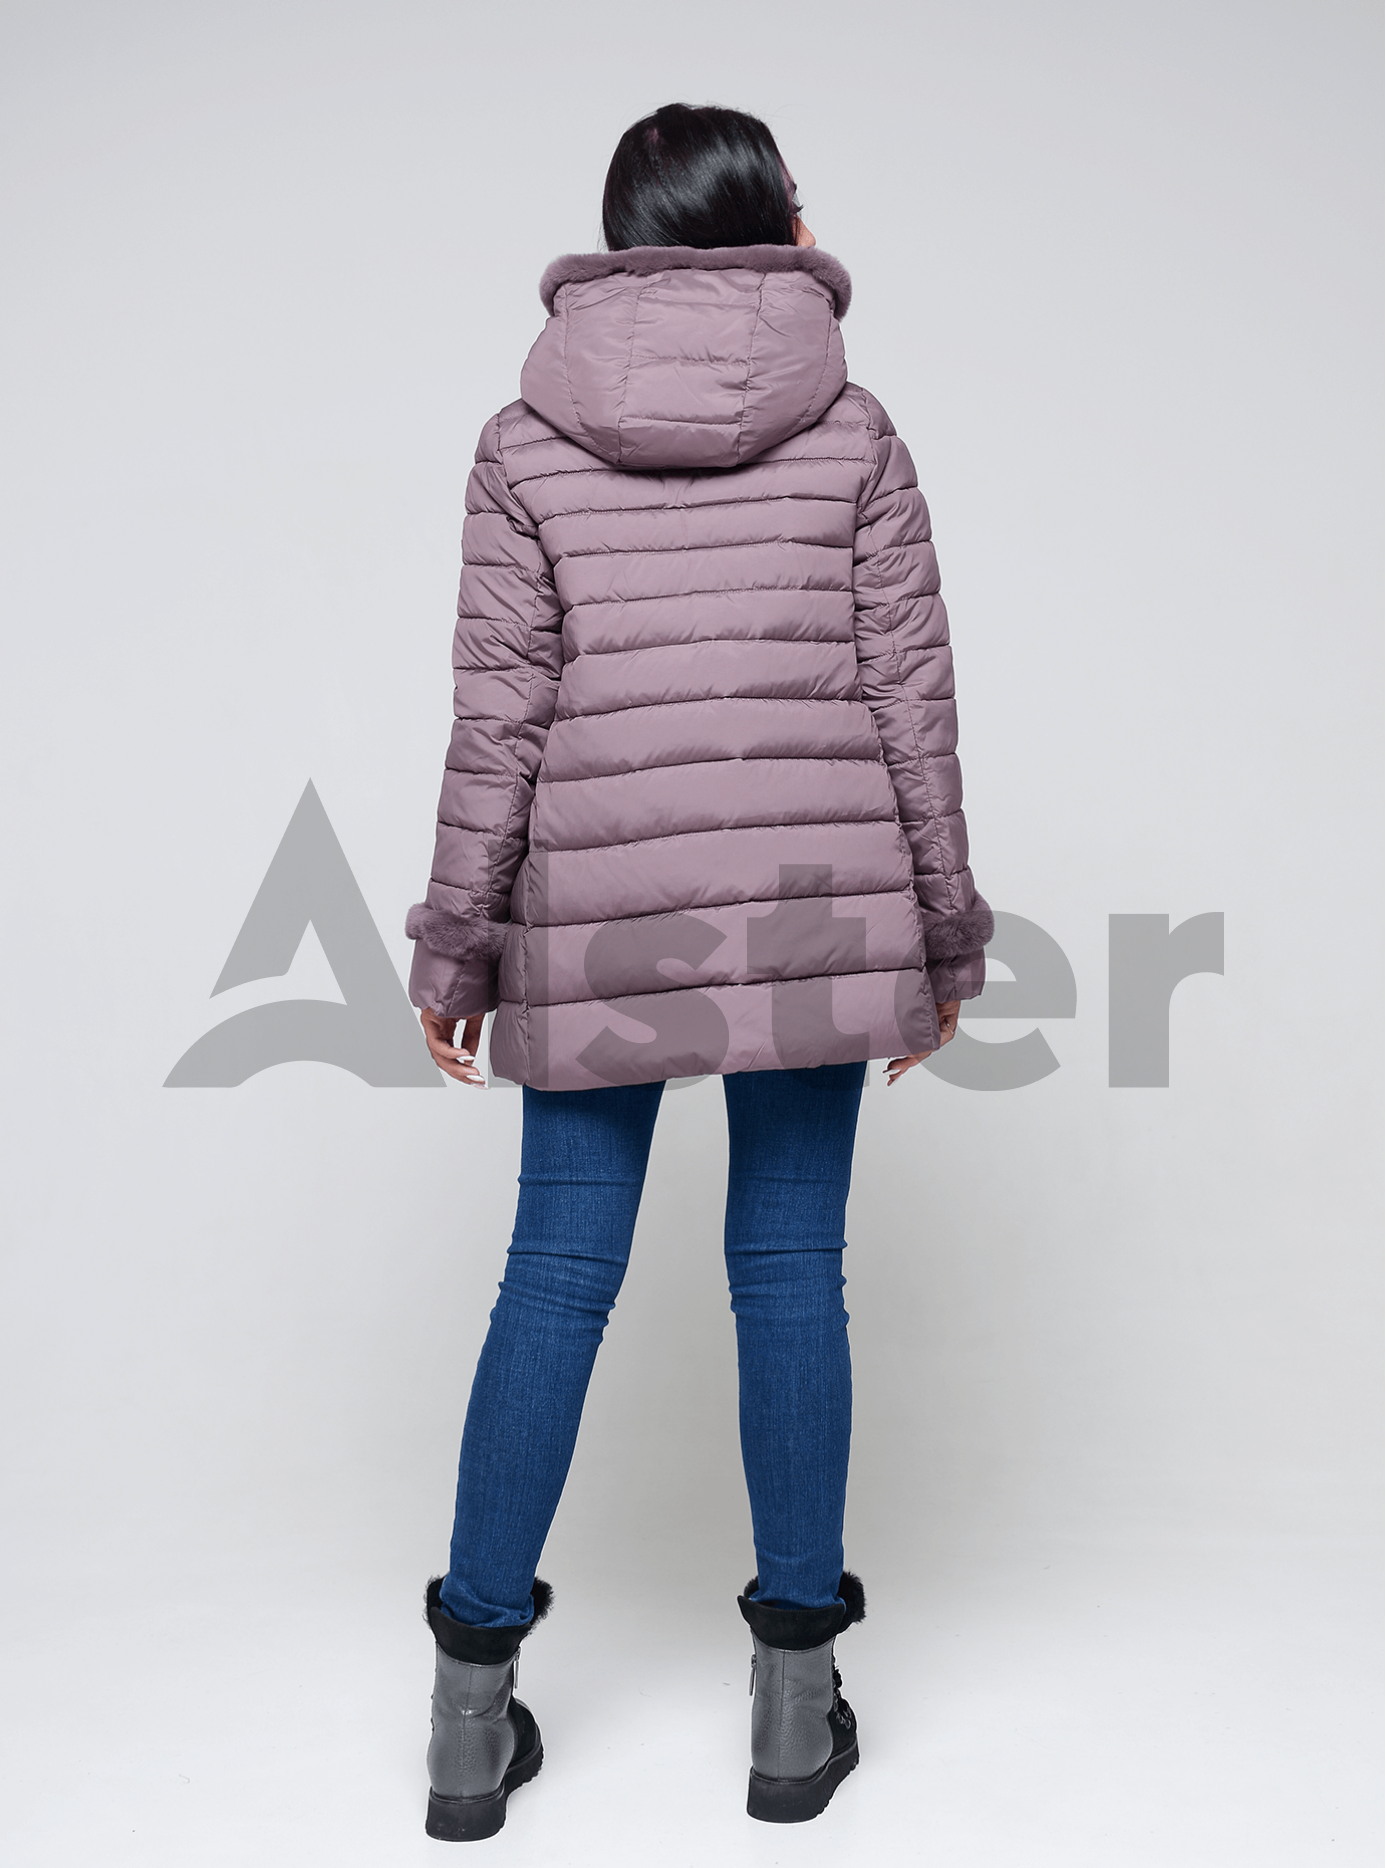 Куртка женская зимняя с мехом кролика Какао 48 (02-4650): фото - Alster.ua